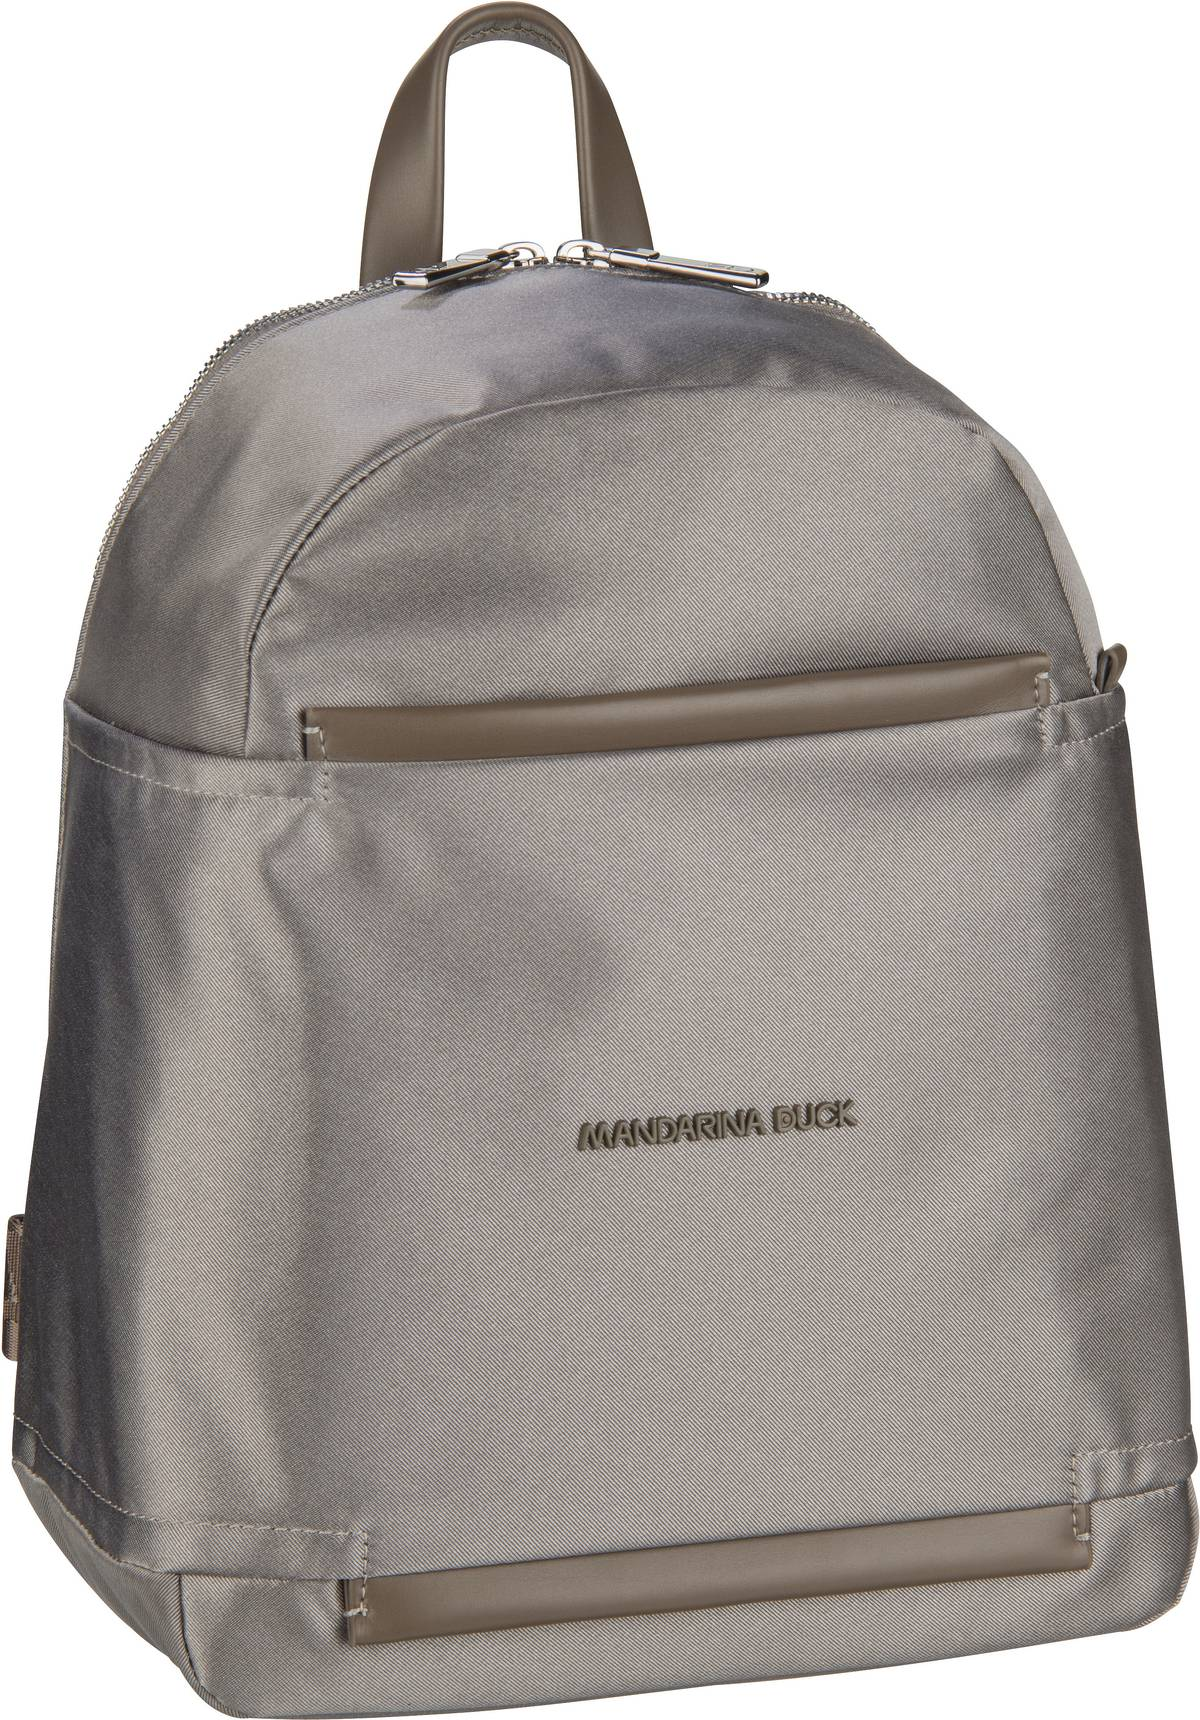 Rucksaecke - Mandarina Duck Rucksack Daypack Daphne Backpack PDT03 Gun Metal  - Onlineshop Taschenkaufhaus